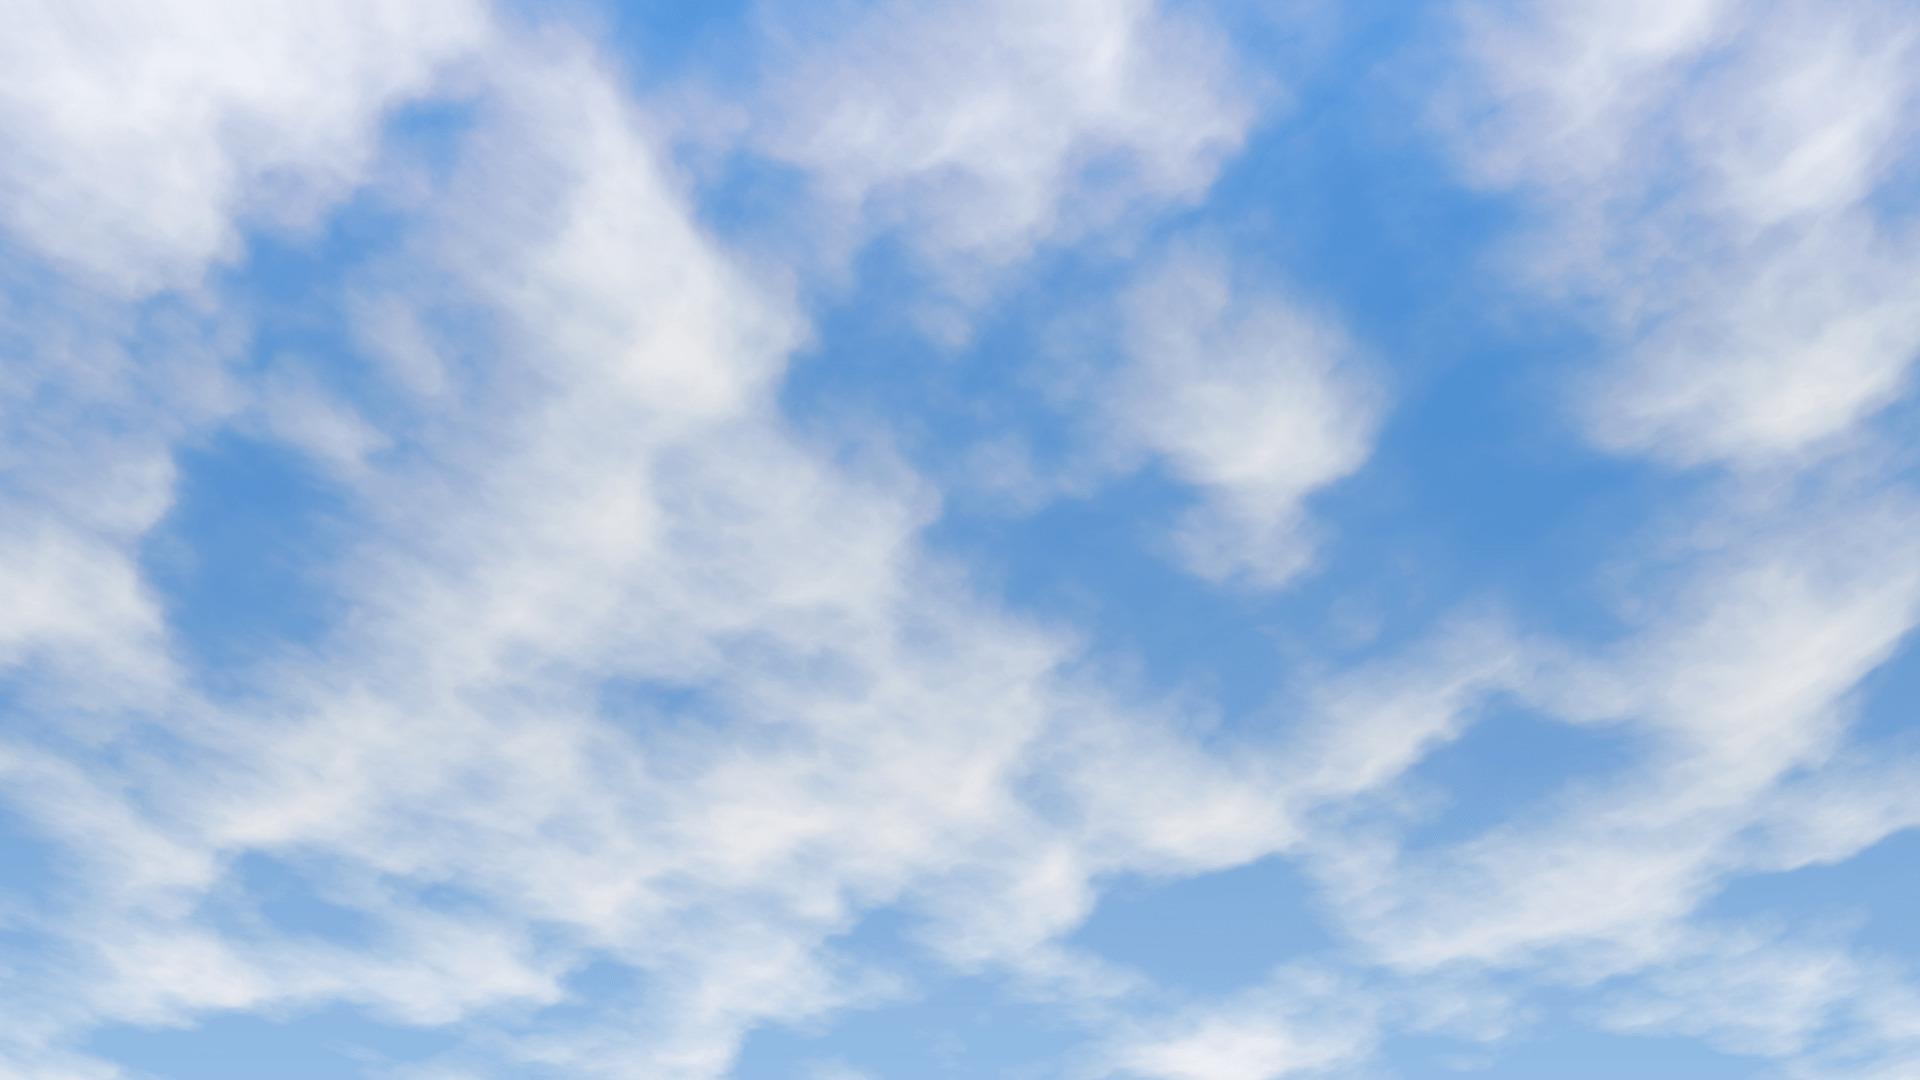 雲模様 壁紙背景画像_kumo2-min